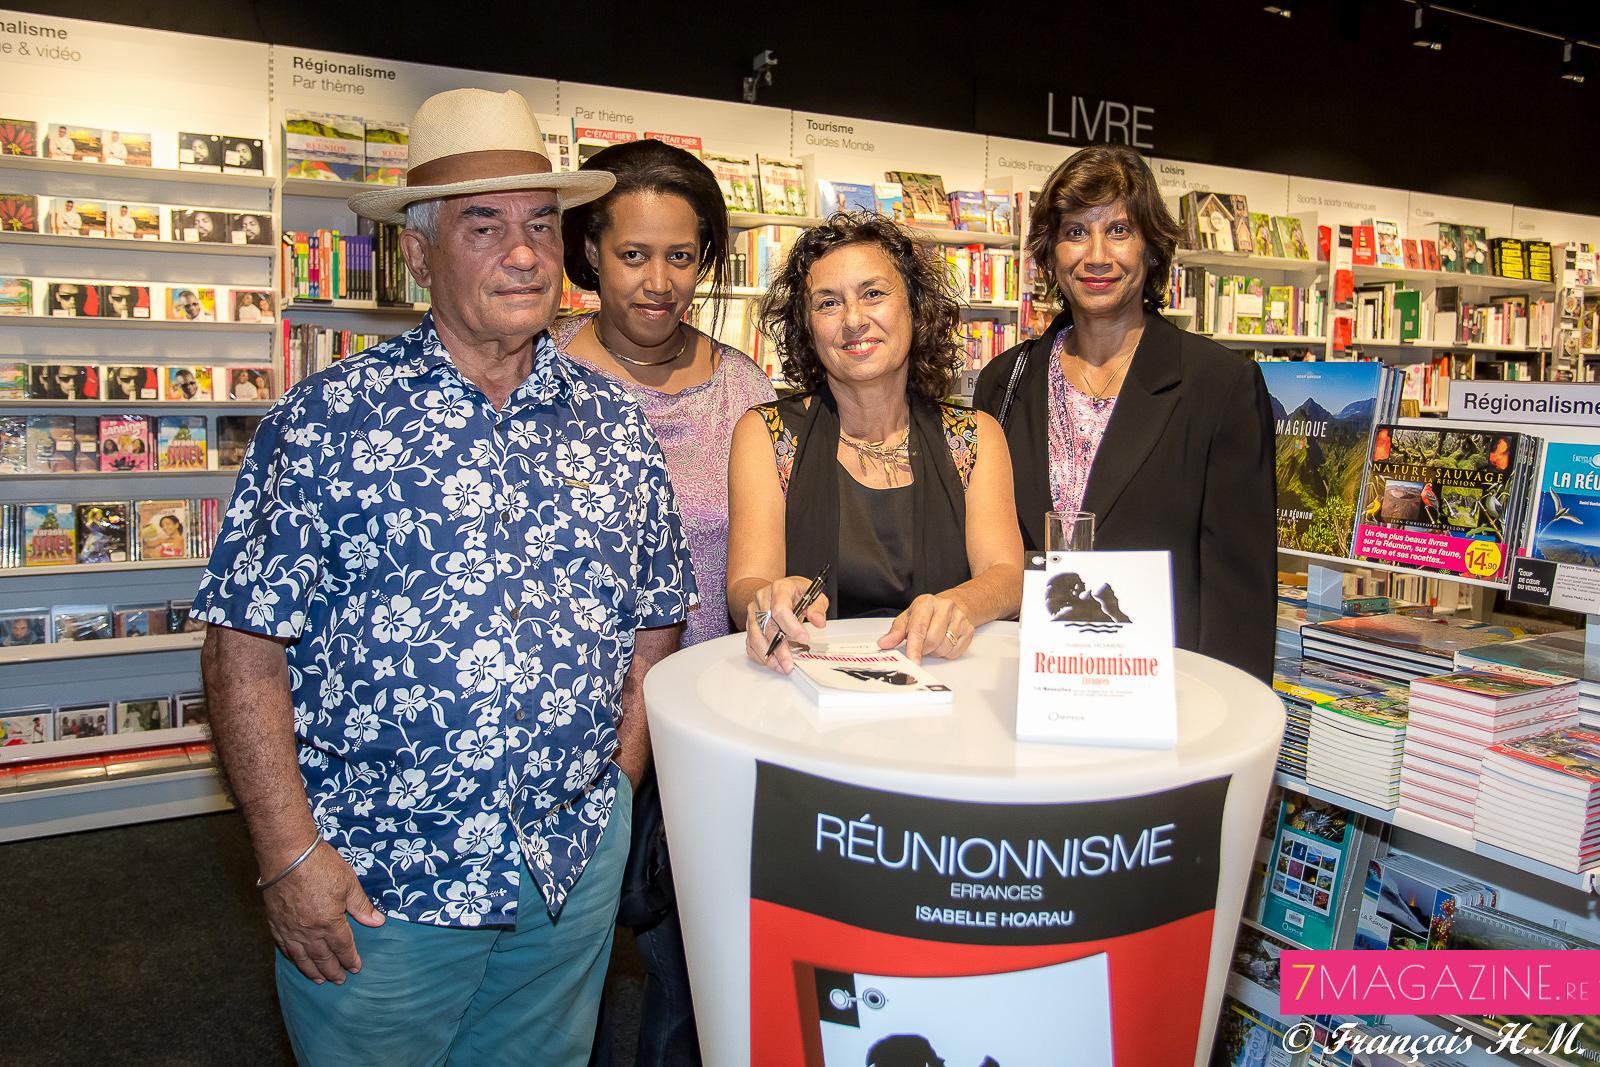 Isabelle Hoarau, auteure, était l'invitée d'honneur de la soirée